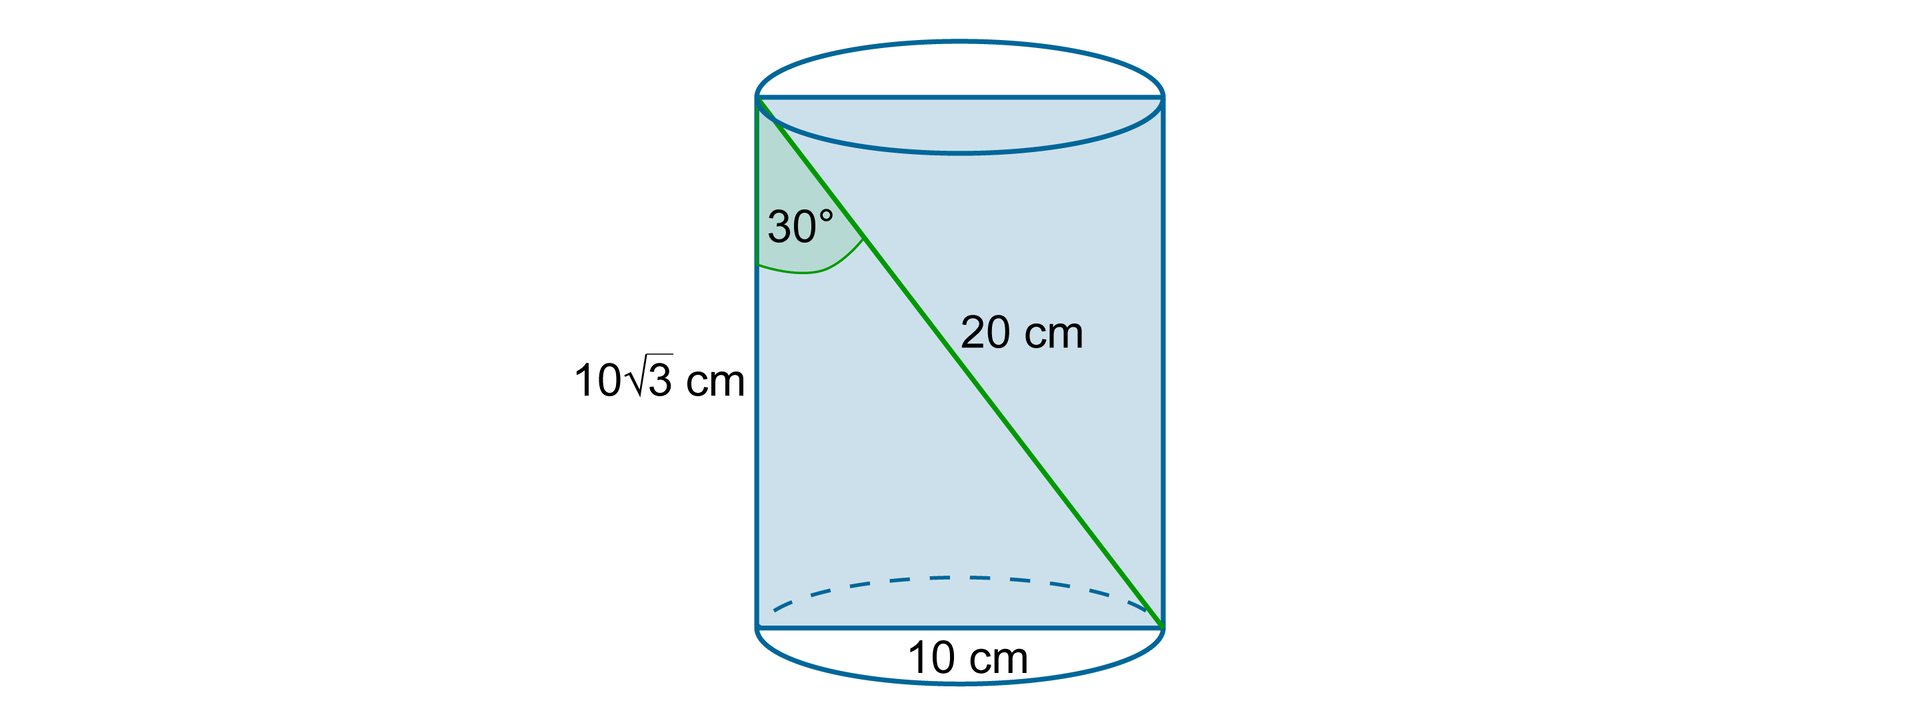 Rysunek walca zzaznaczonym przekrojem osiowym wkształcie prostokąta podzielonego przekątną na dwa trójkąty prostokątne. Przeciwprostokątna trójkąta ma długość 20 cm. Krótsza przyprostokątna leży naprzeciwko kąta omierze 30 stopni ijest równa 10 cm adruga przyprostokątna ma długość 10 pierwiastków ztrzech cm.